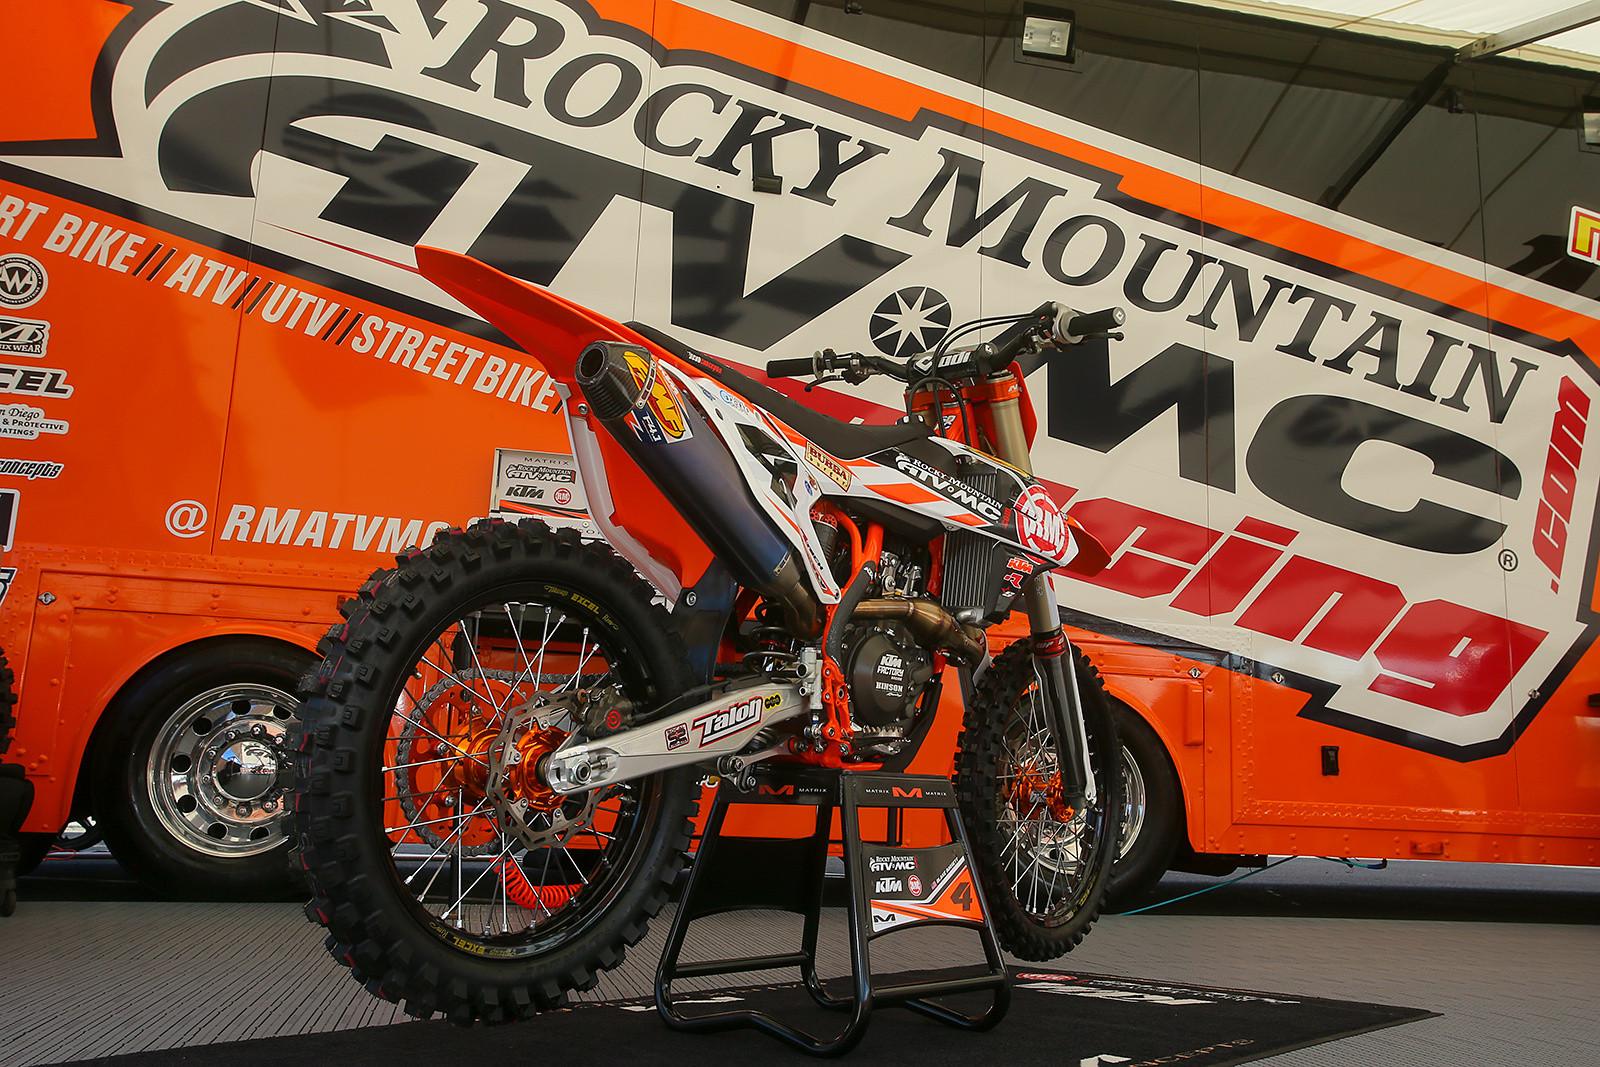 Blake baggett bikes of supercross 2017 motocross for Rocky mountain motor sports